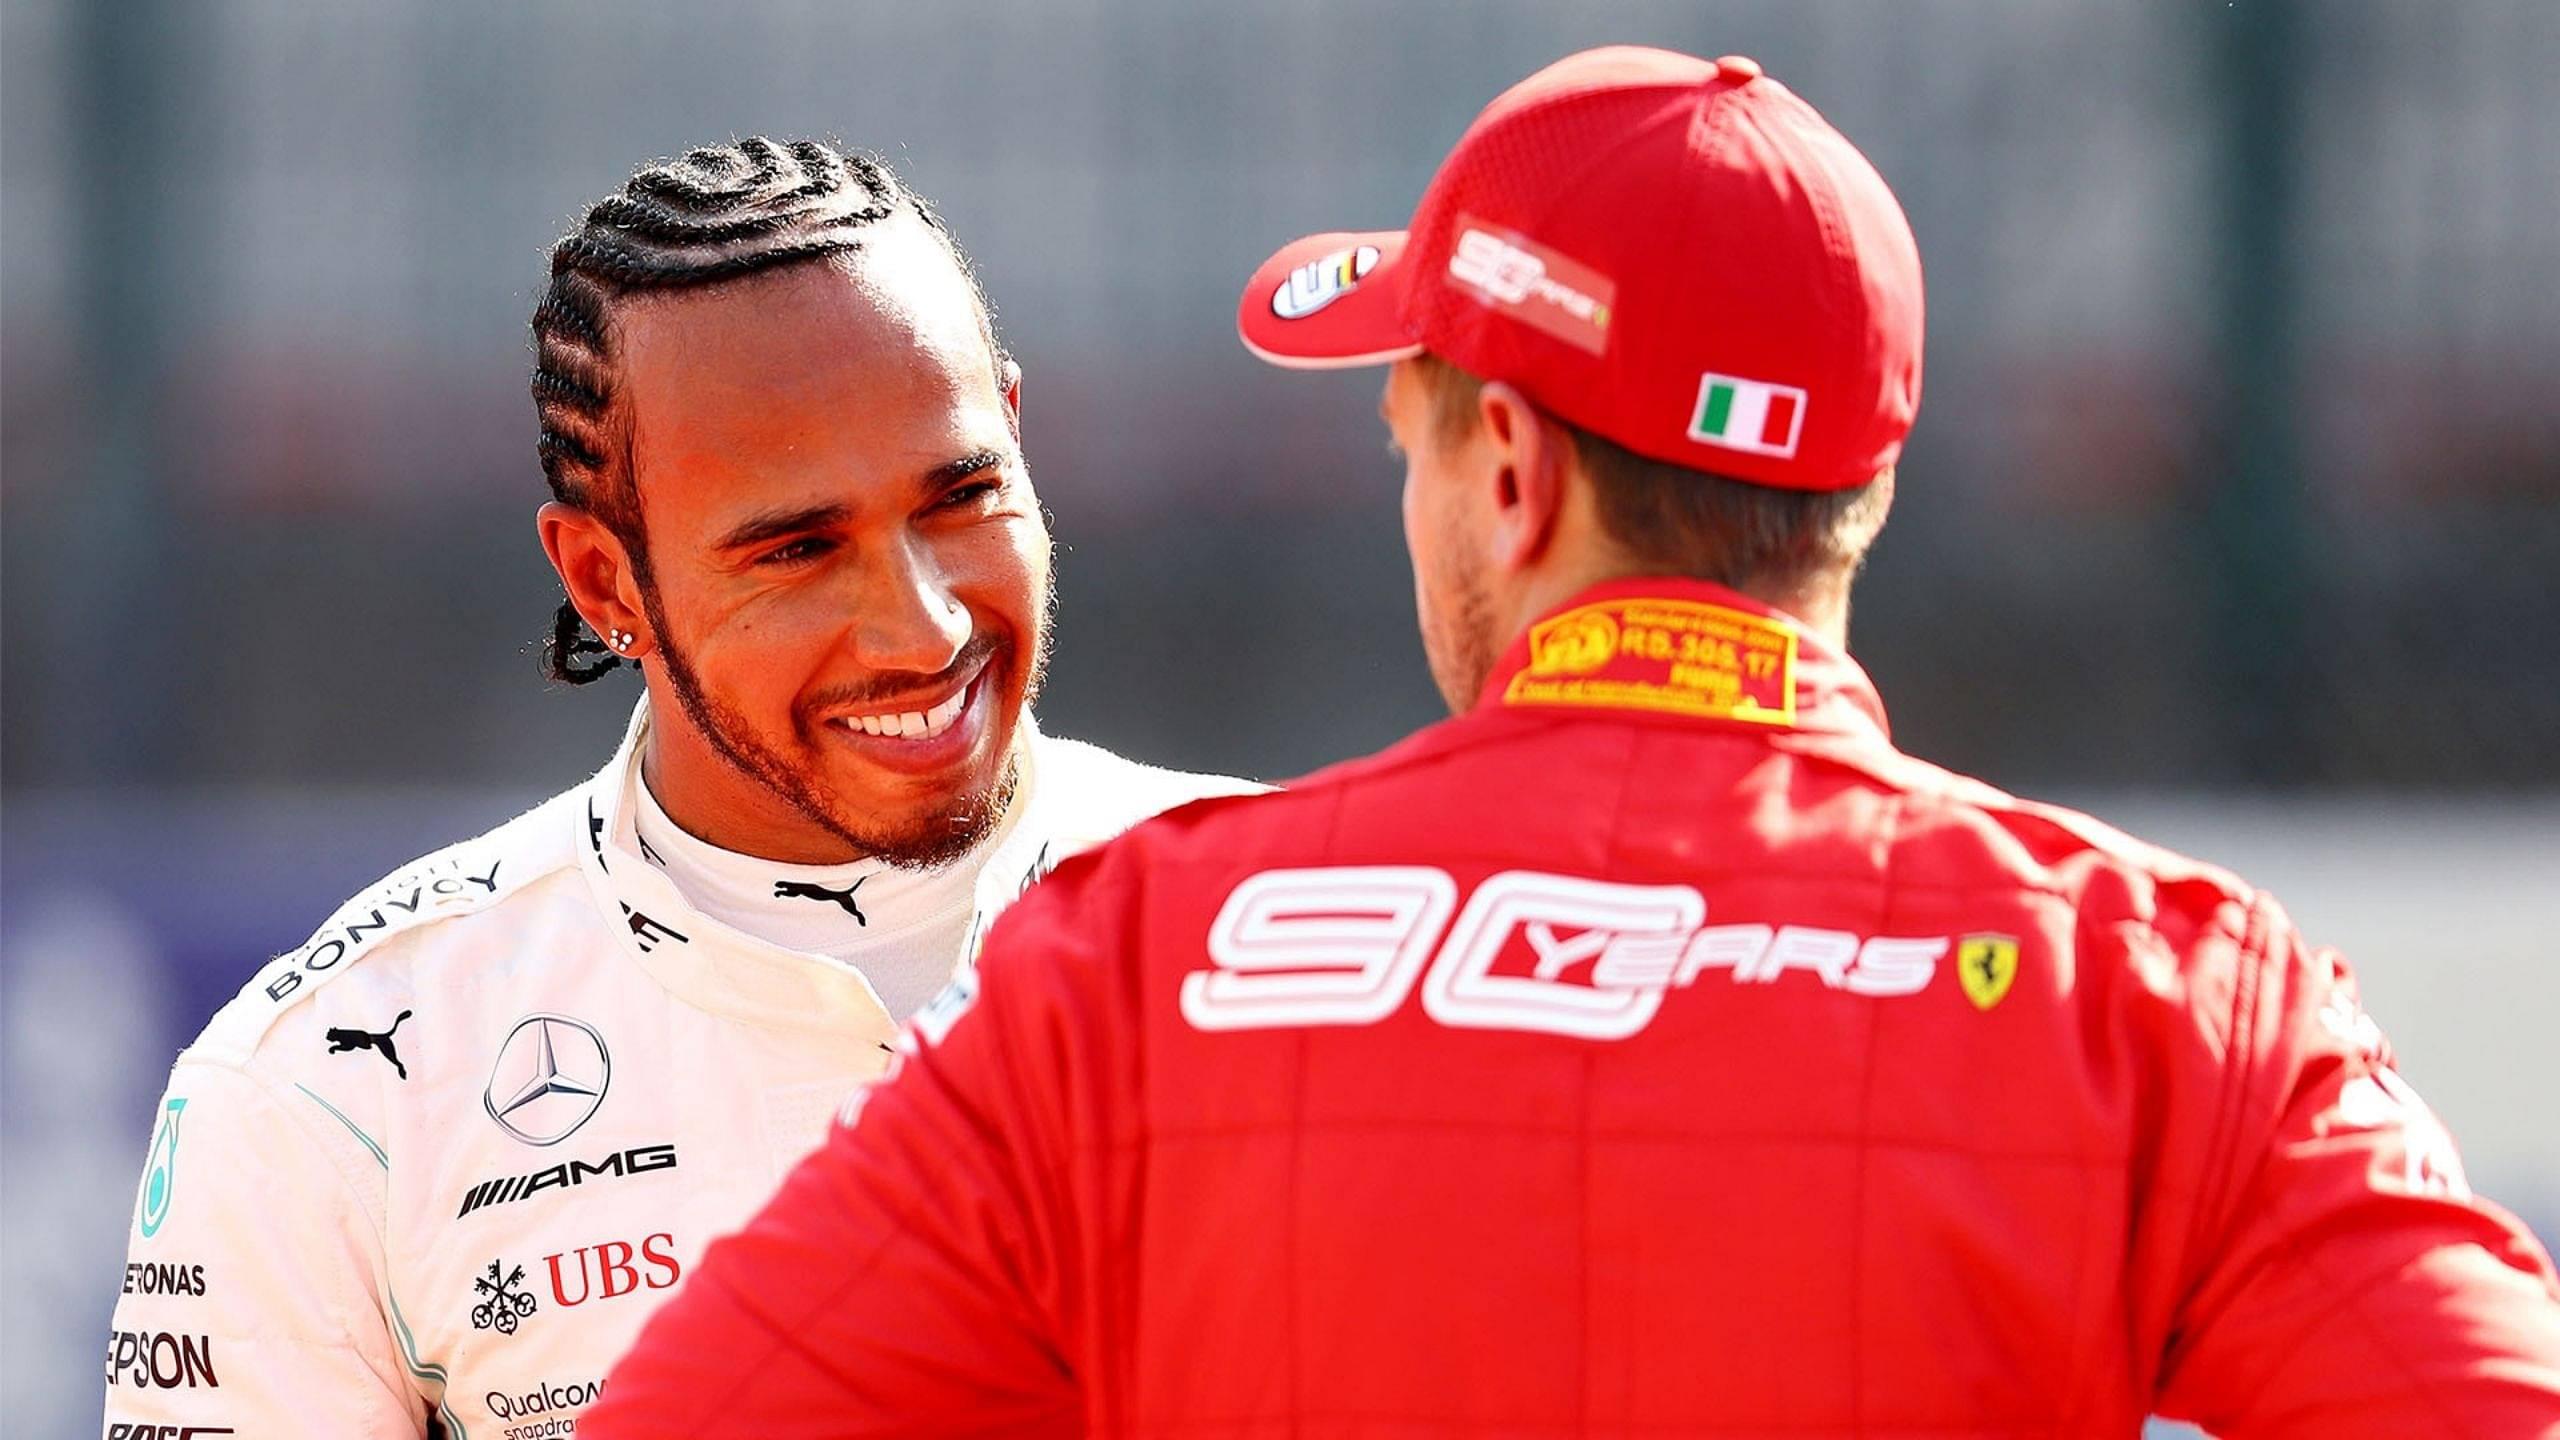 Lewis Hamilton to Ferrari: Was Lewis Hamilton close to replacing Sebastian Vettel at Ferrari?